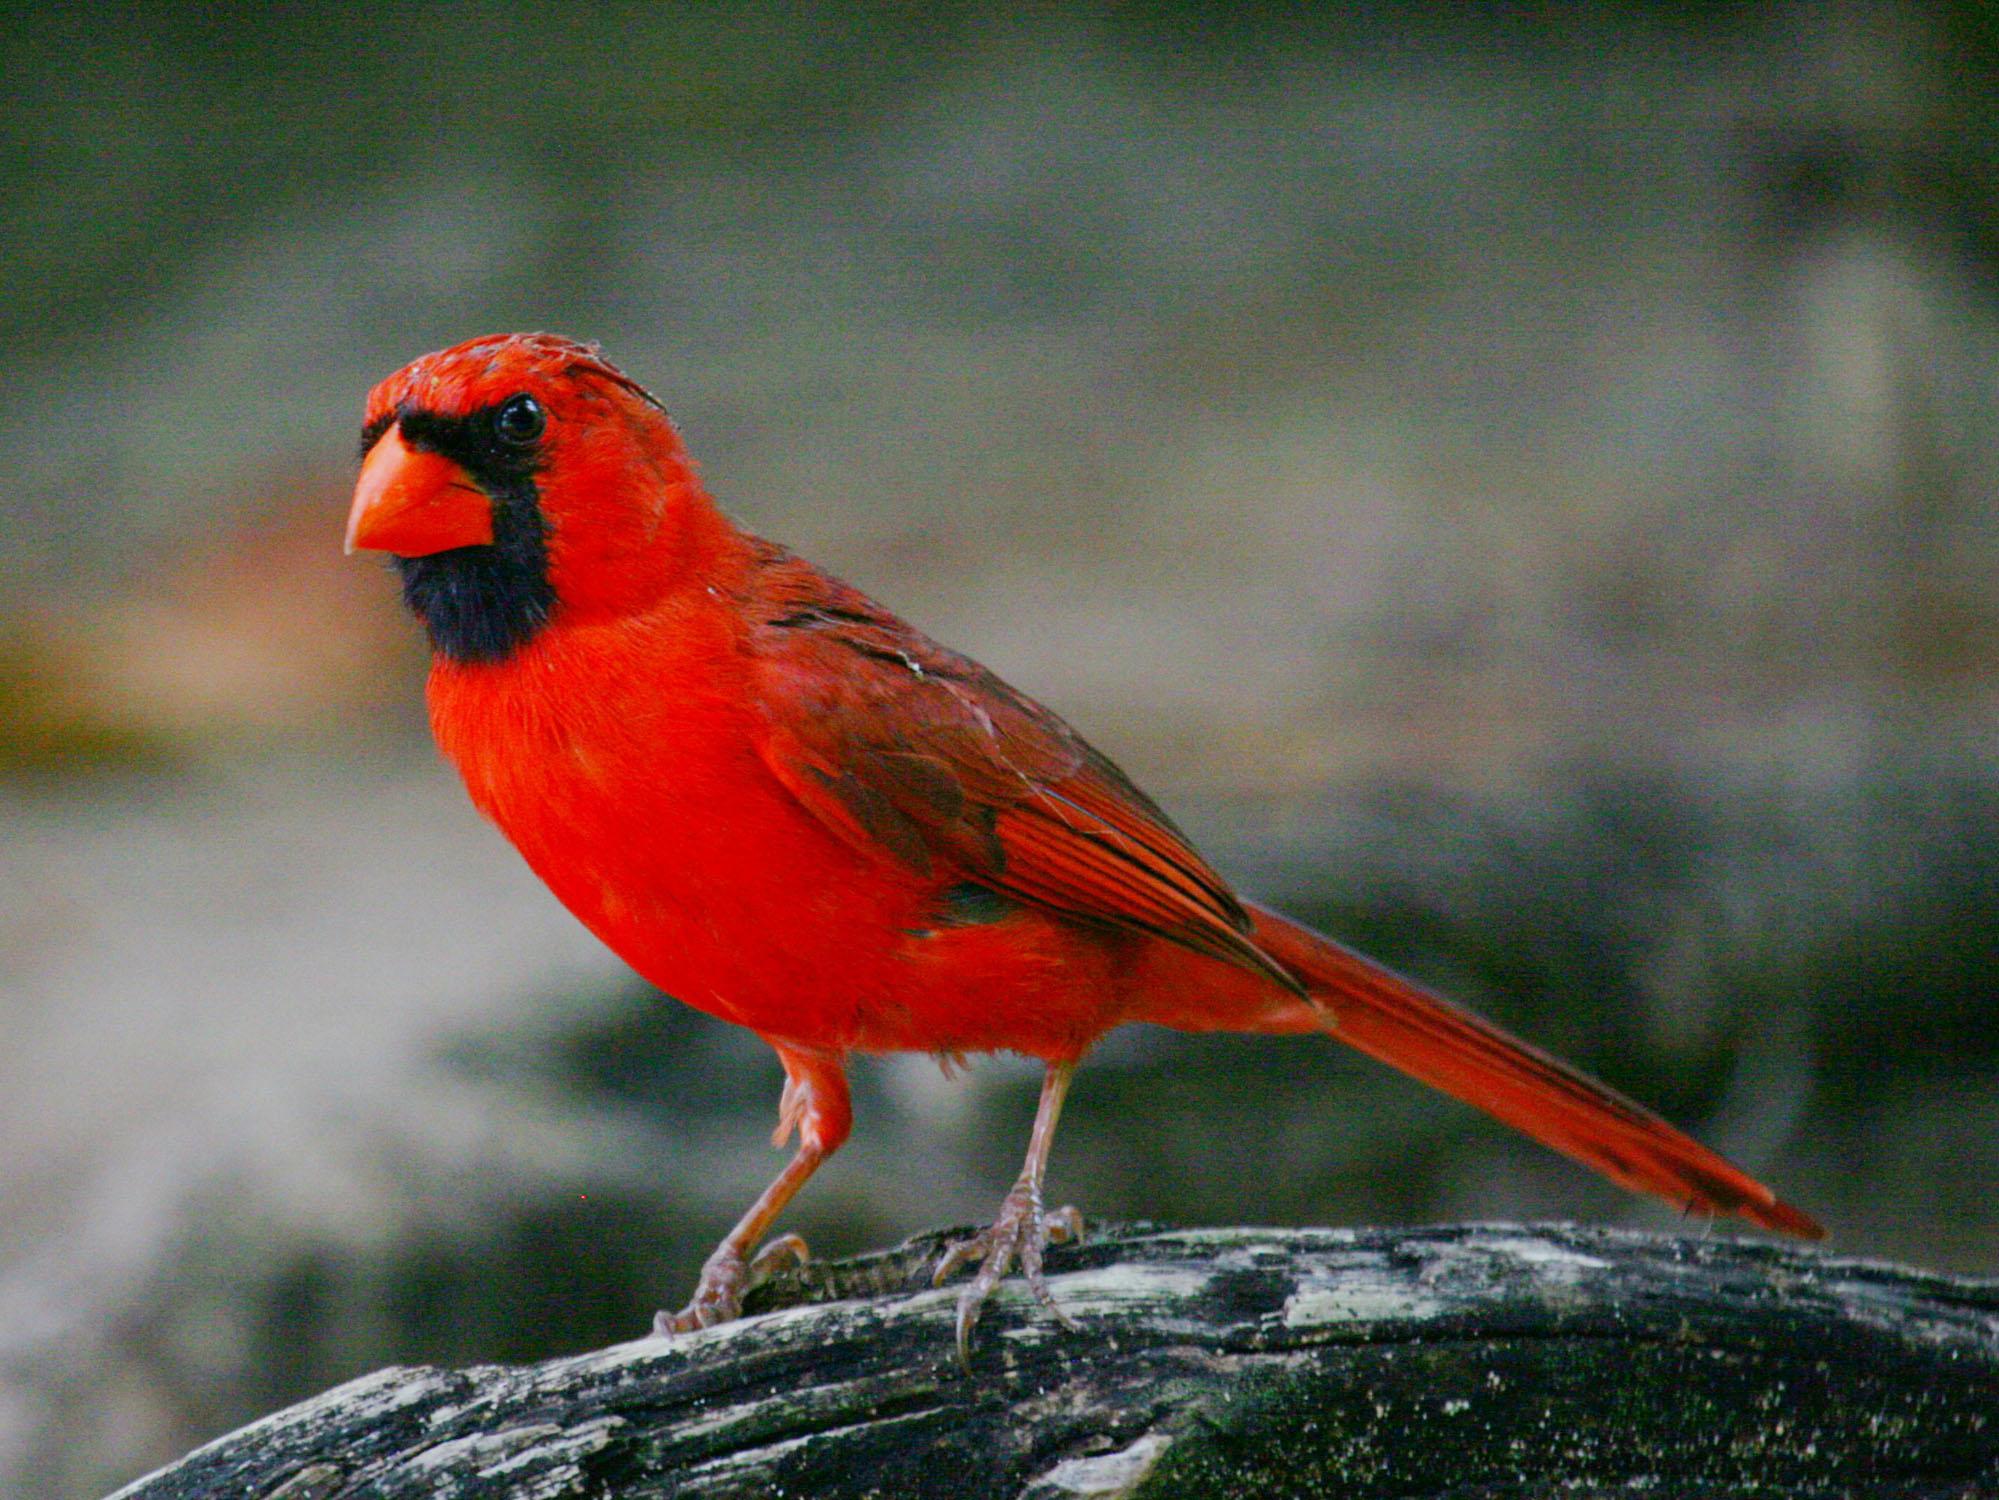 Birds Of The World Cardinals And Tanagers Cardinalidae-8431